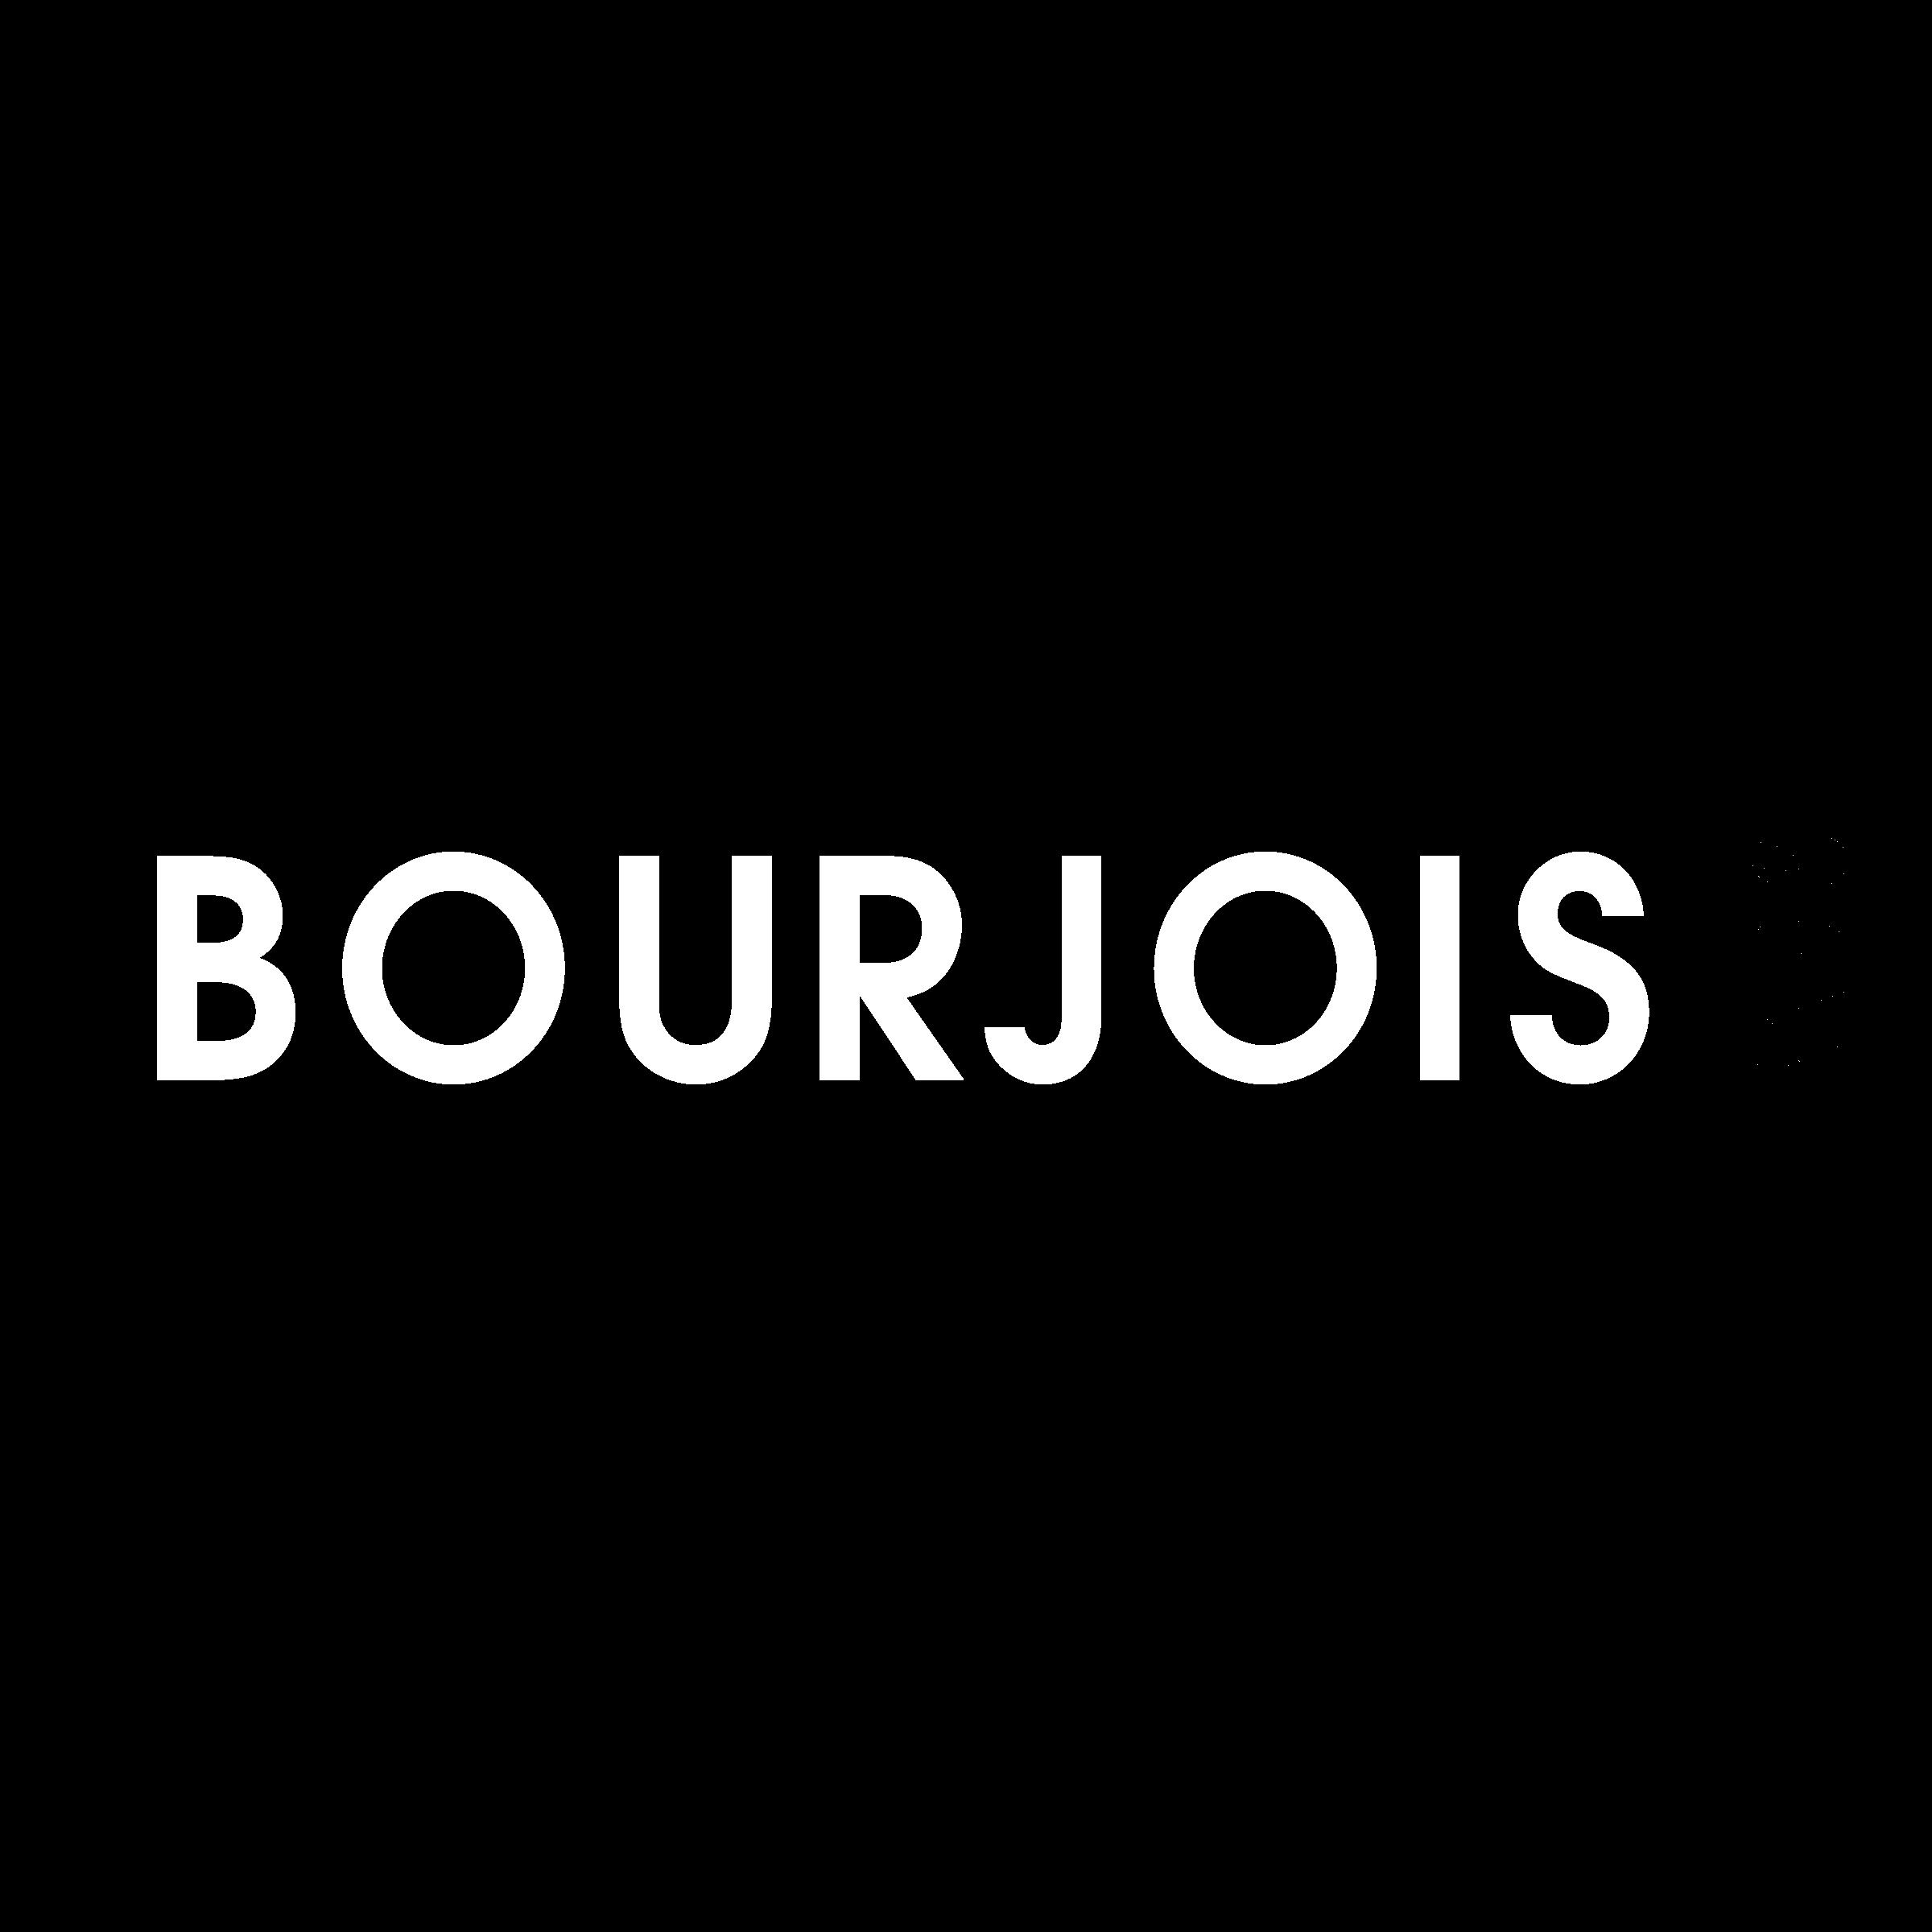 برجوا باريس Bourjois Paris